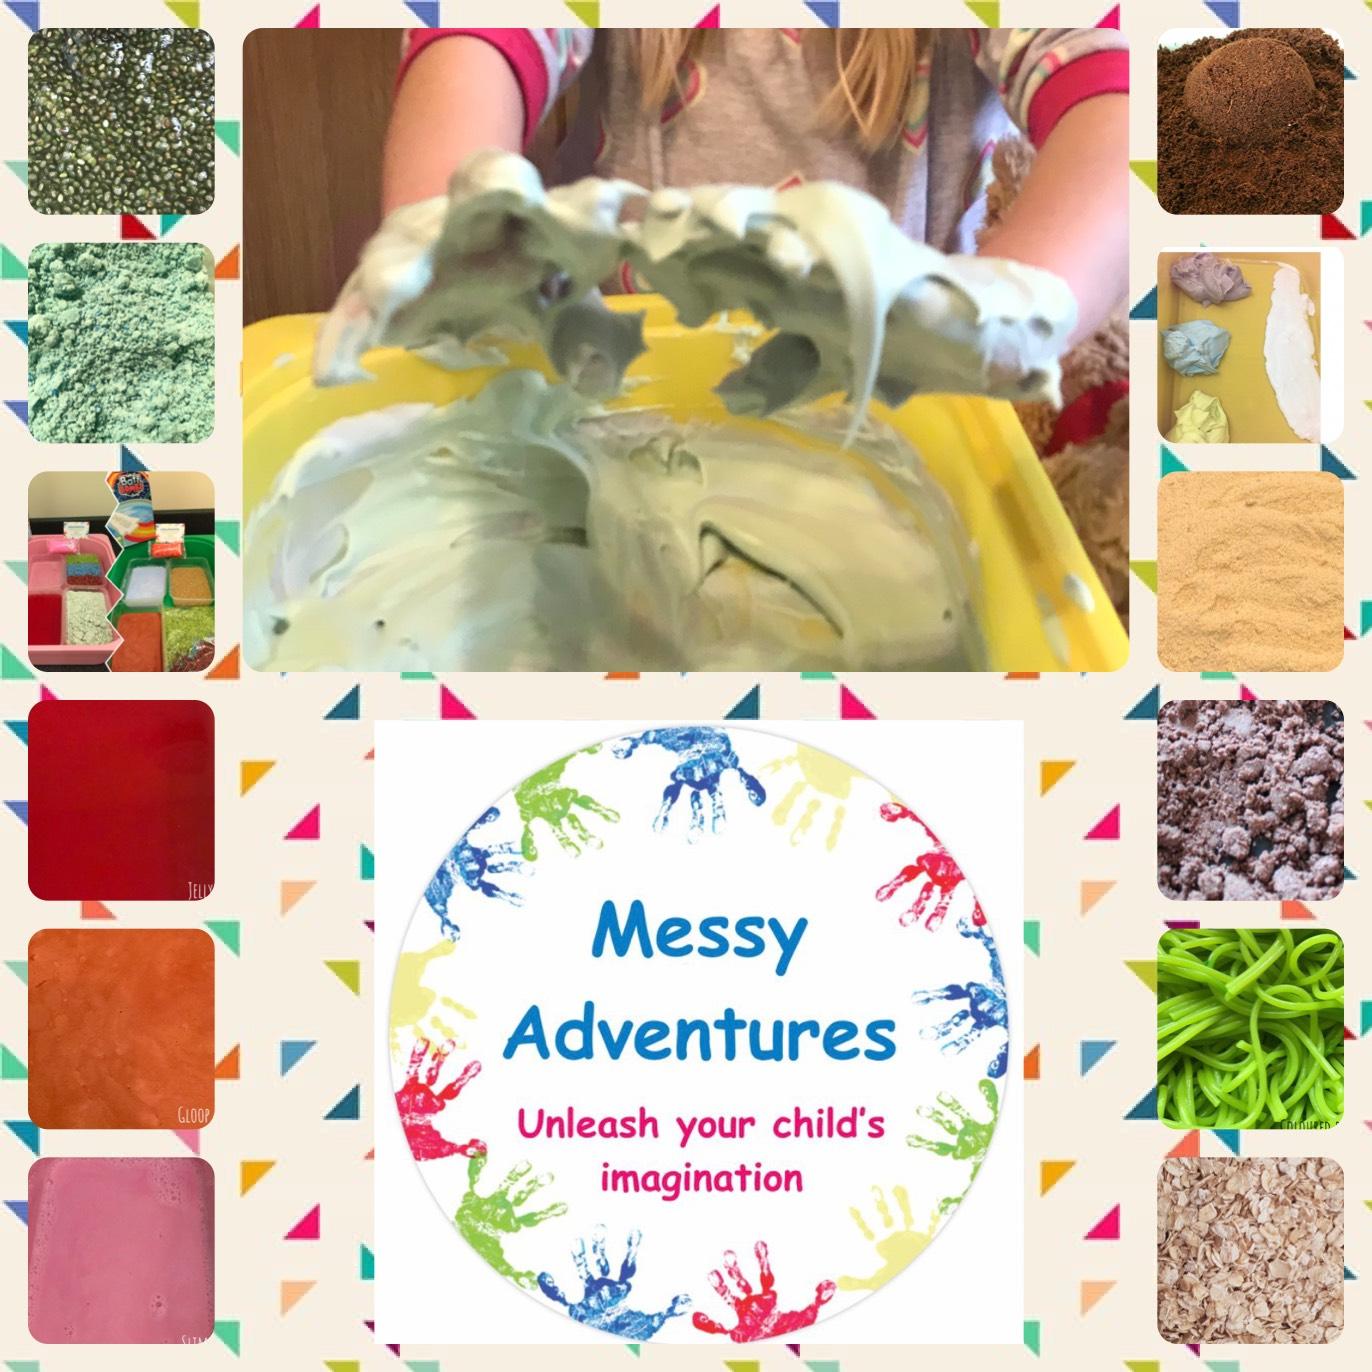 Messy Adventures